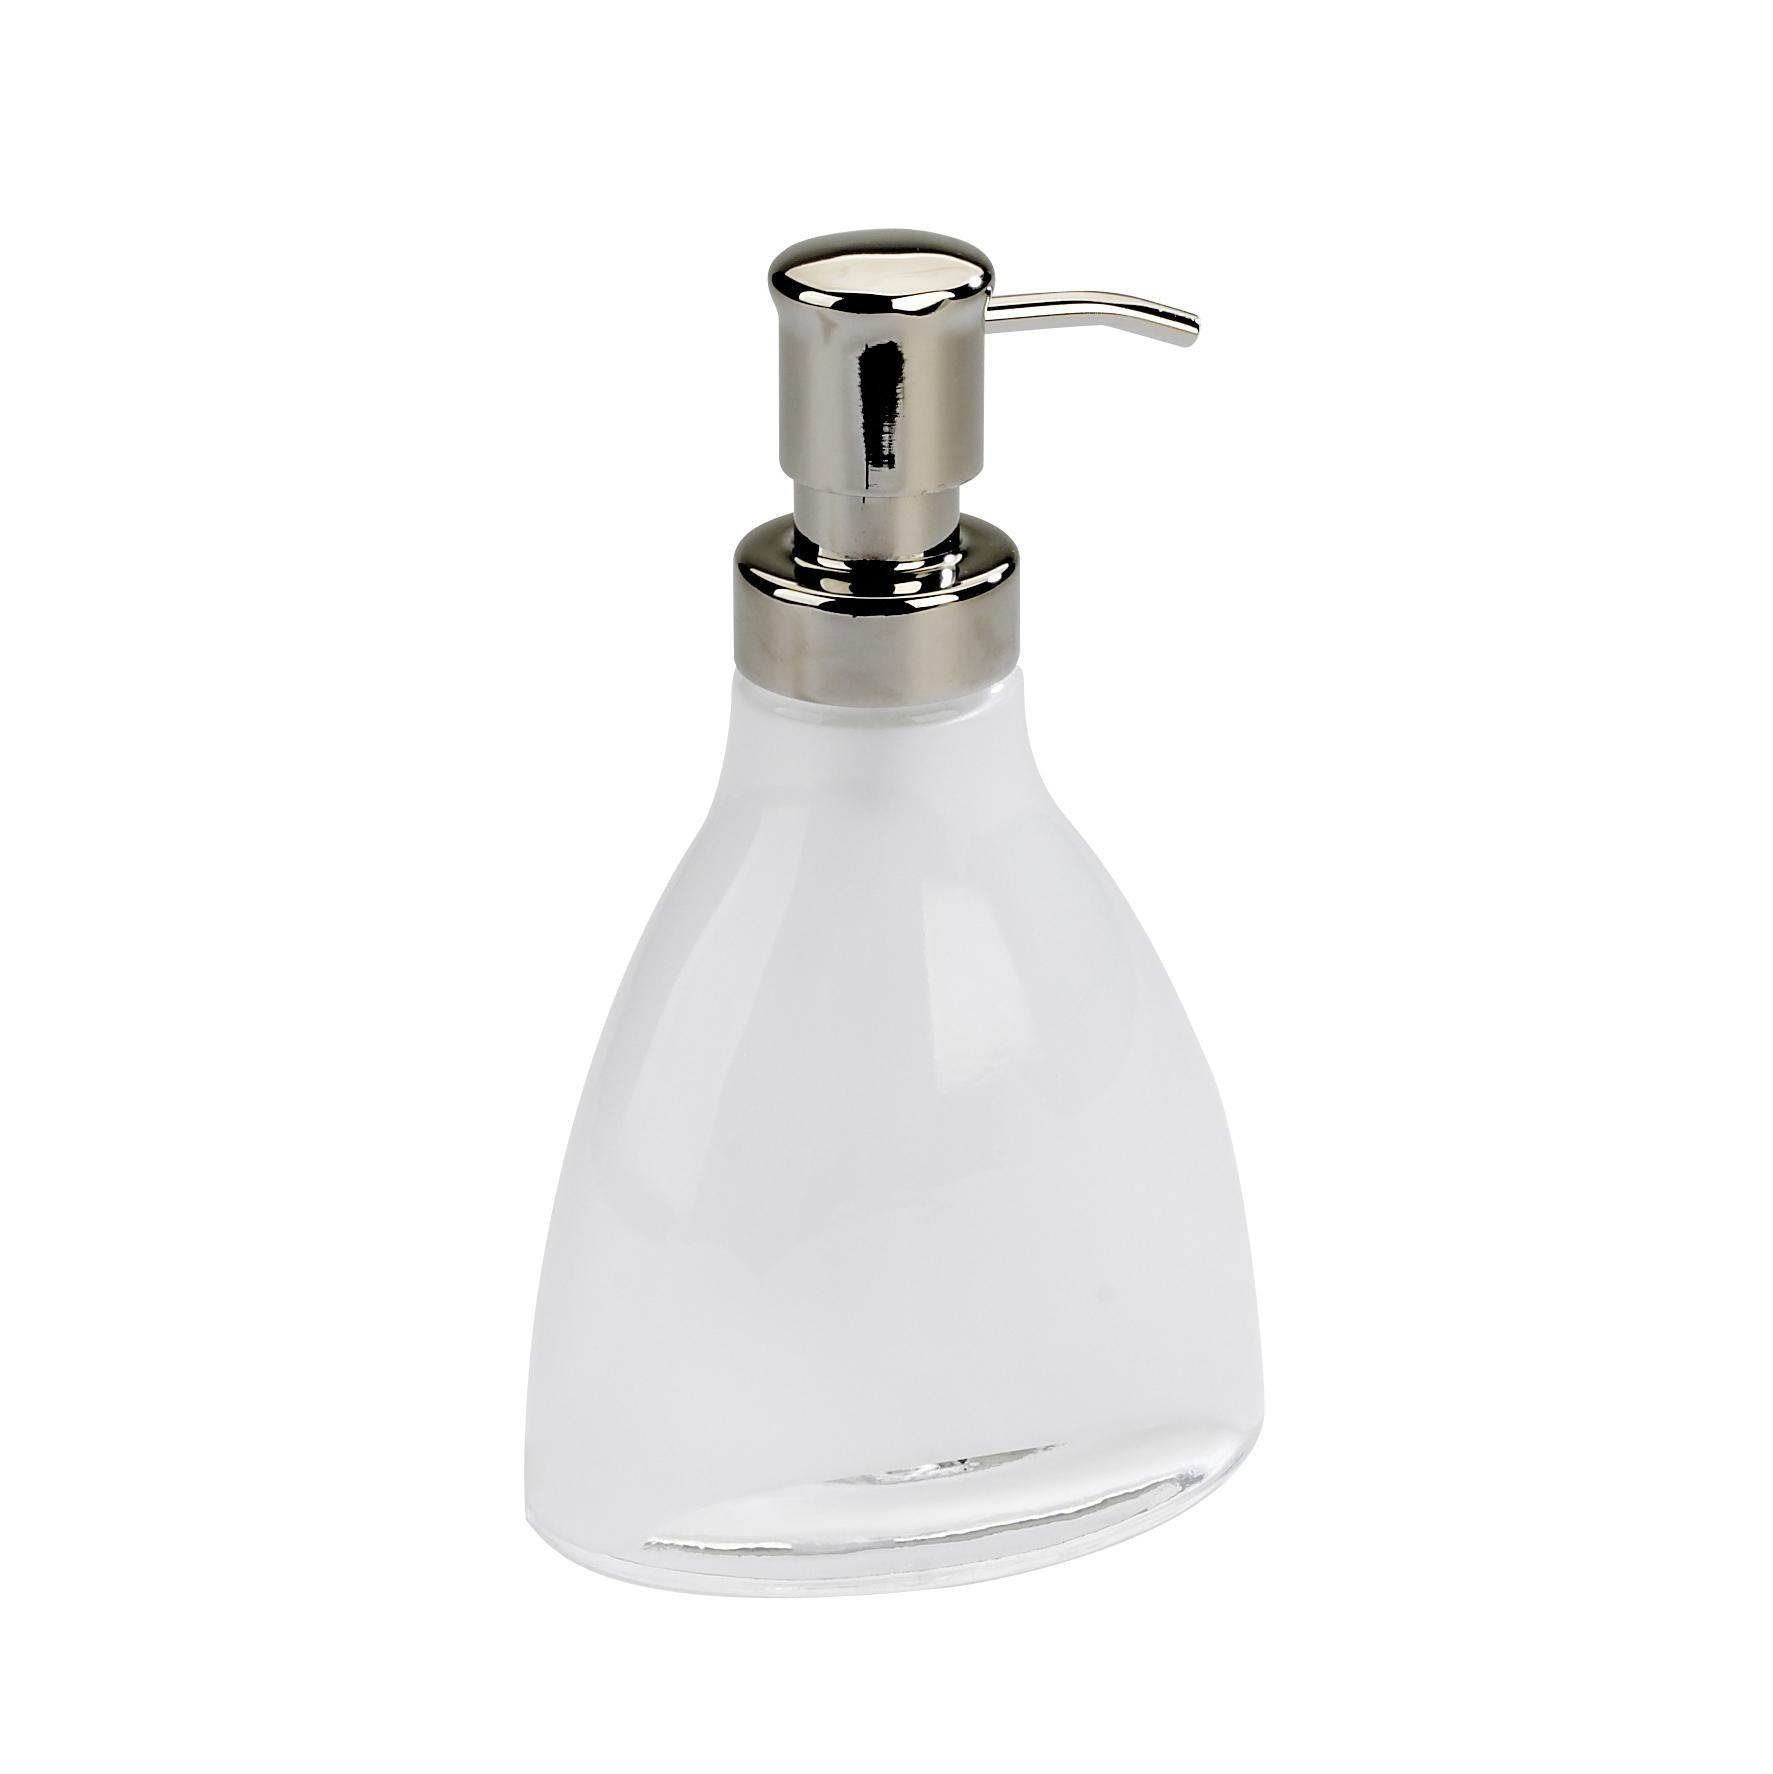 Диспенсер для жидкого мыла Vapor